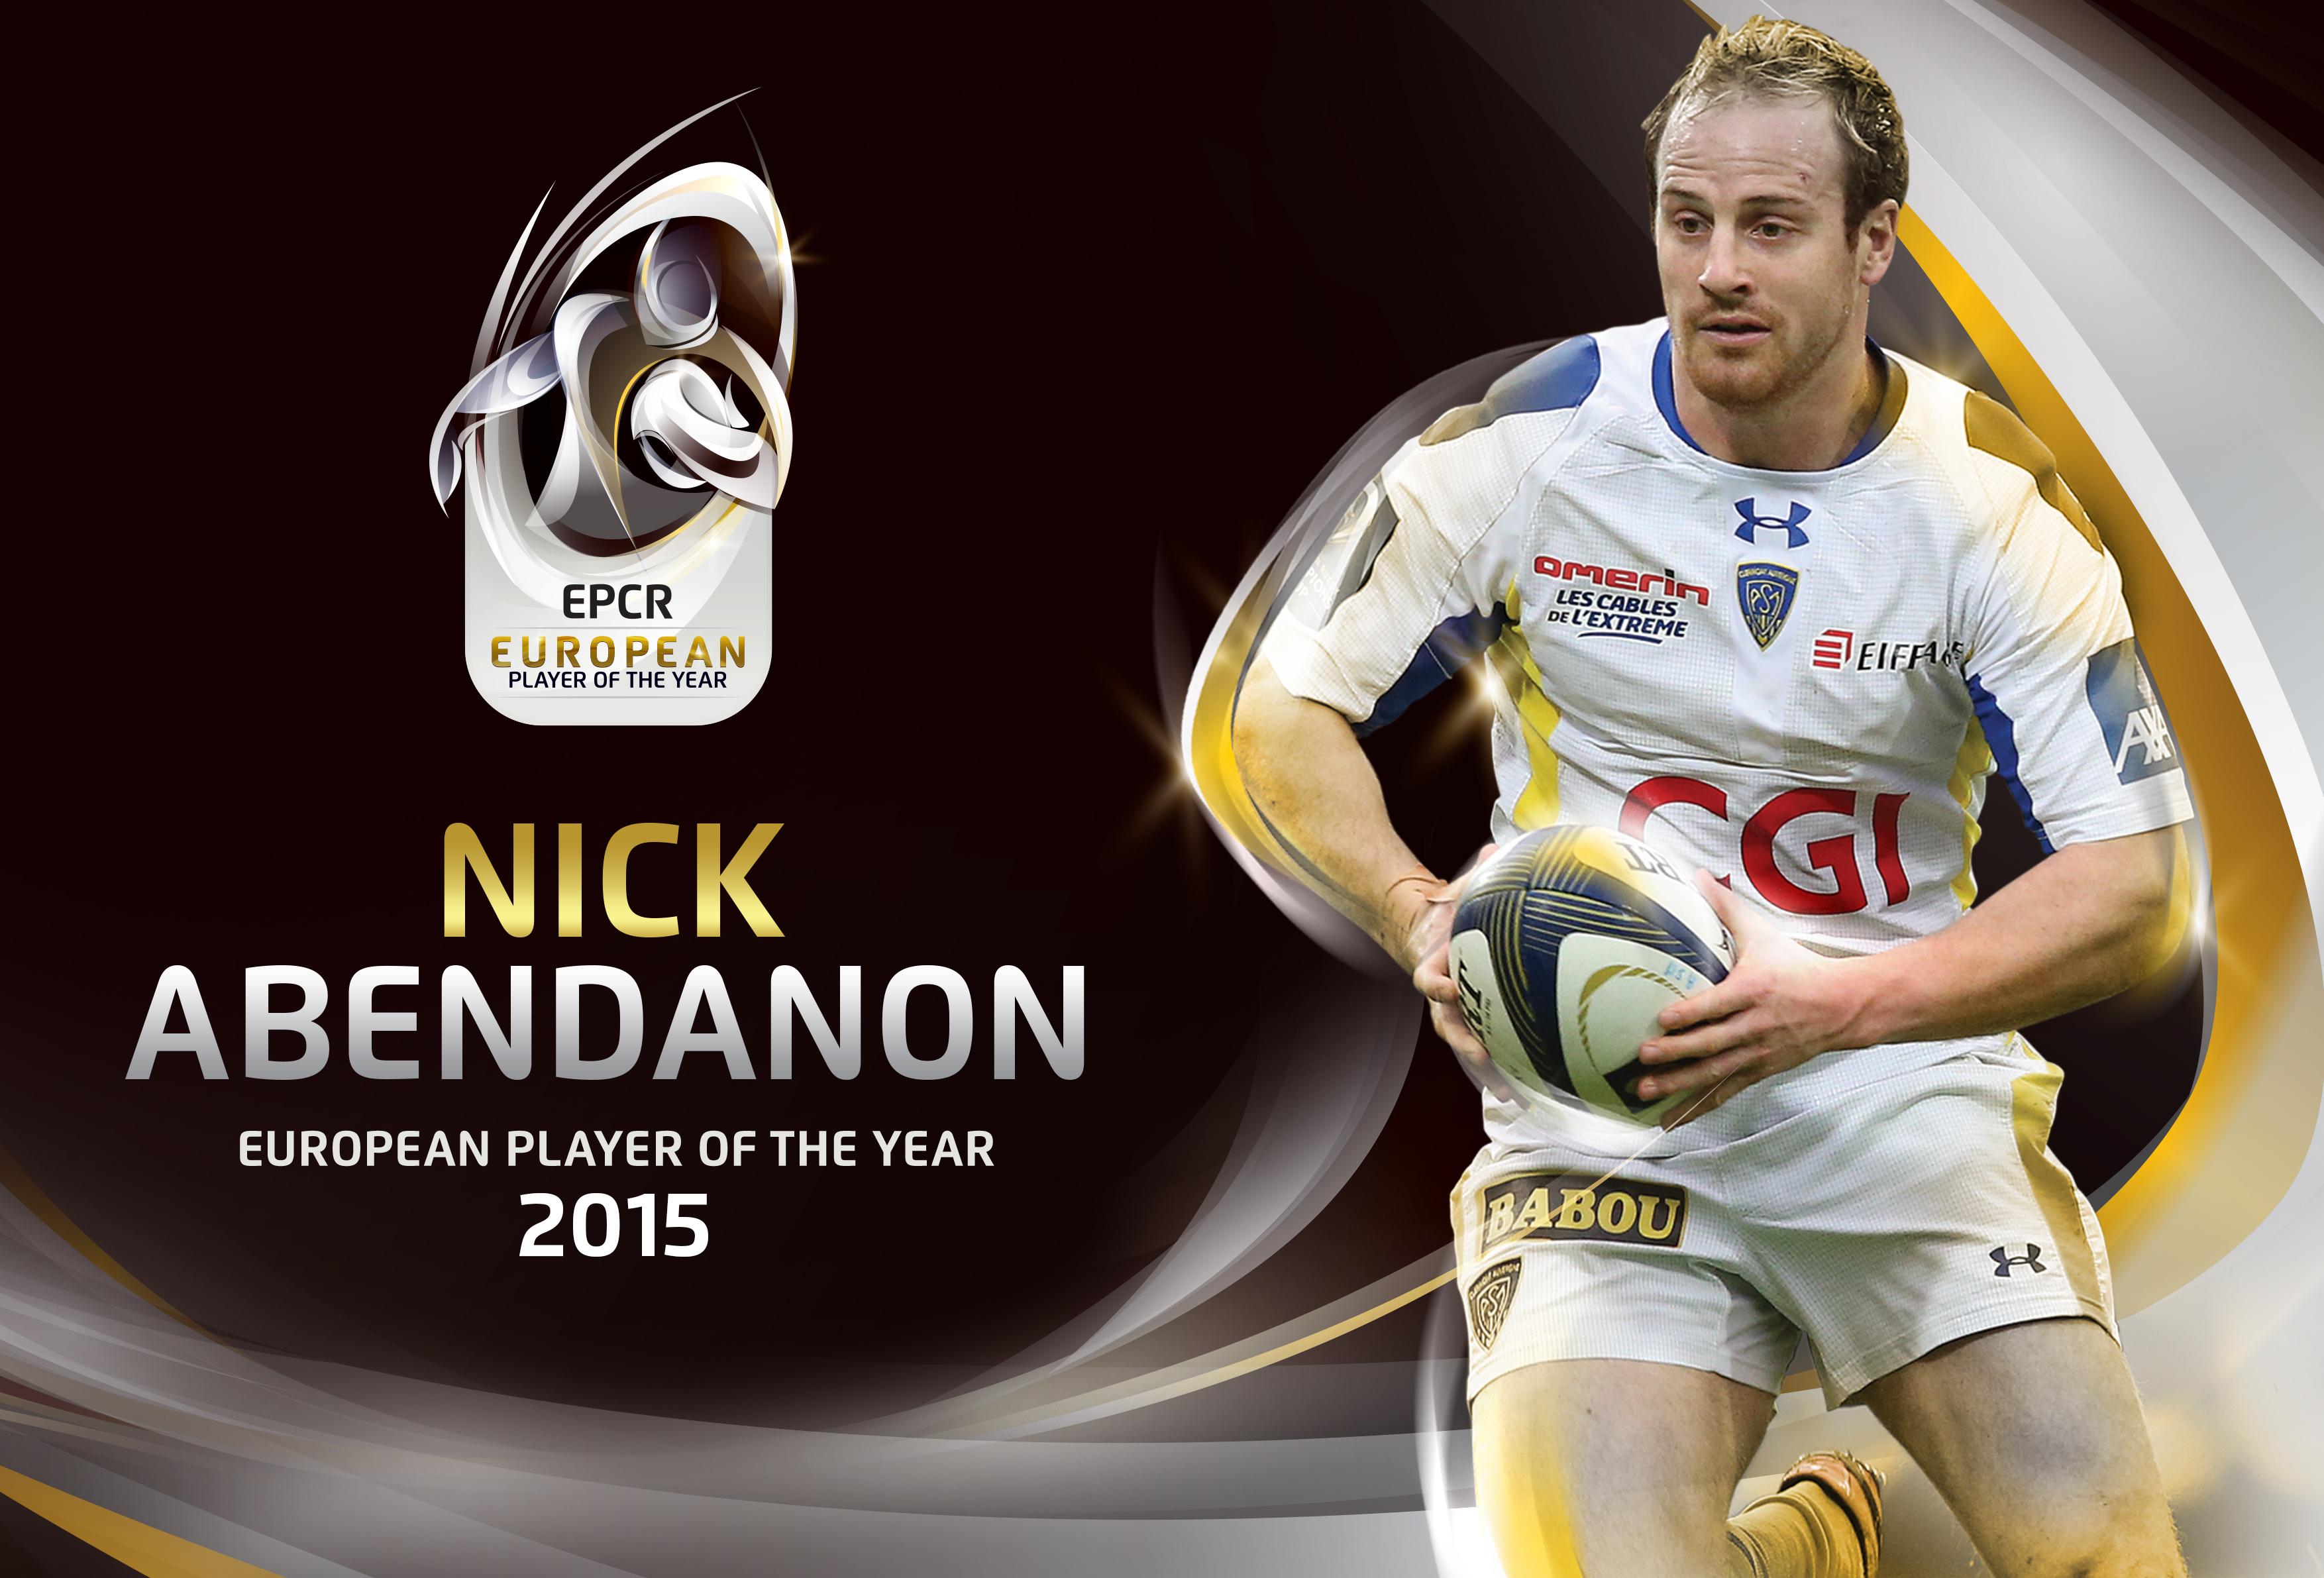 2014-2015 - Nick Abendanon